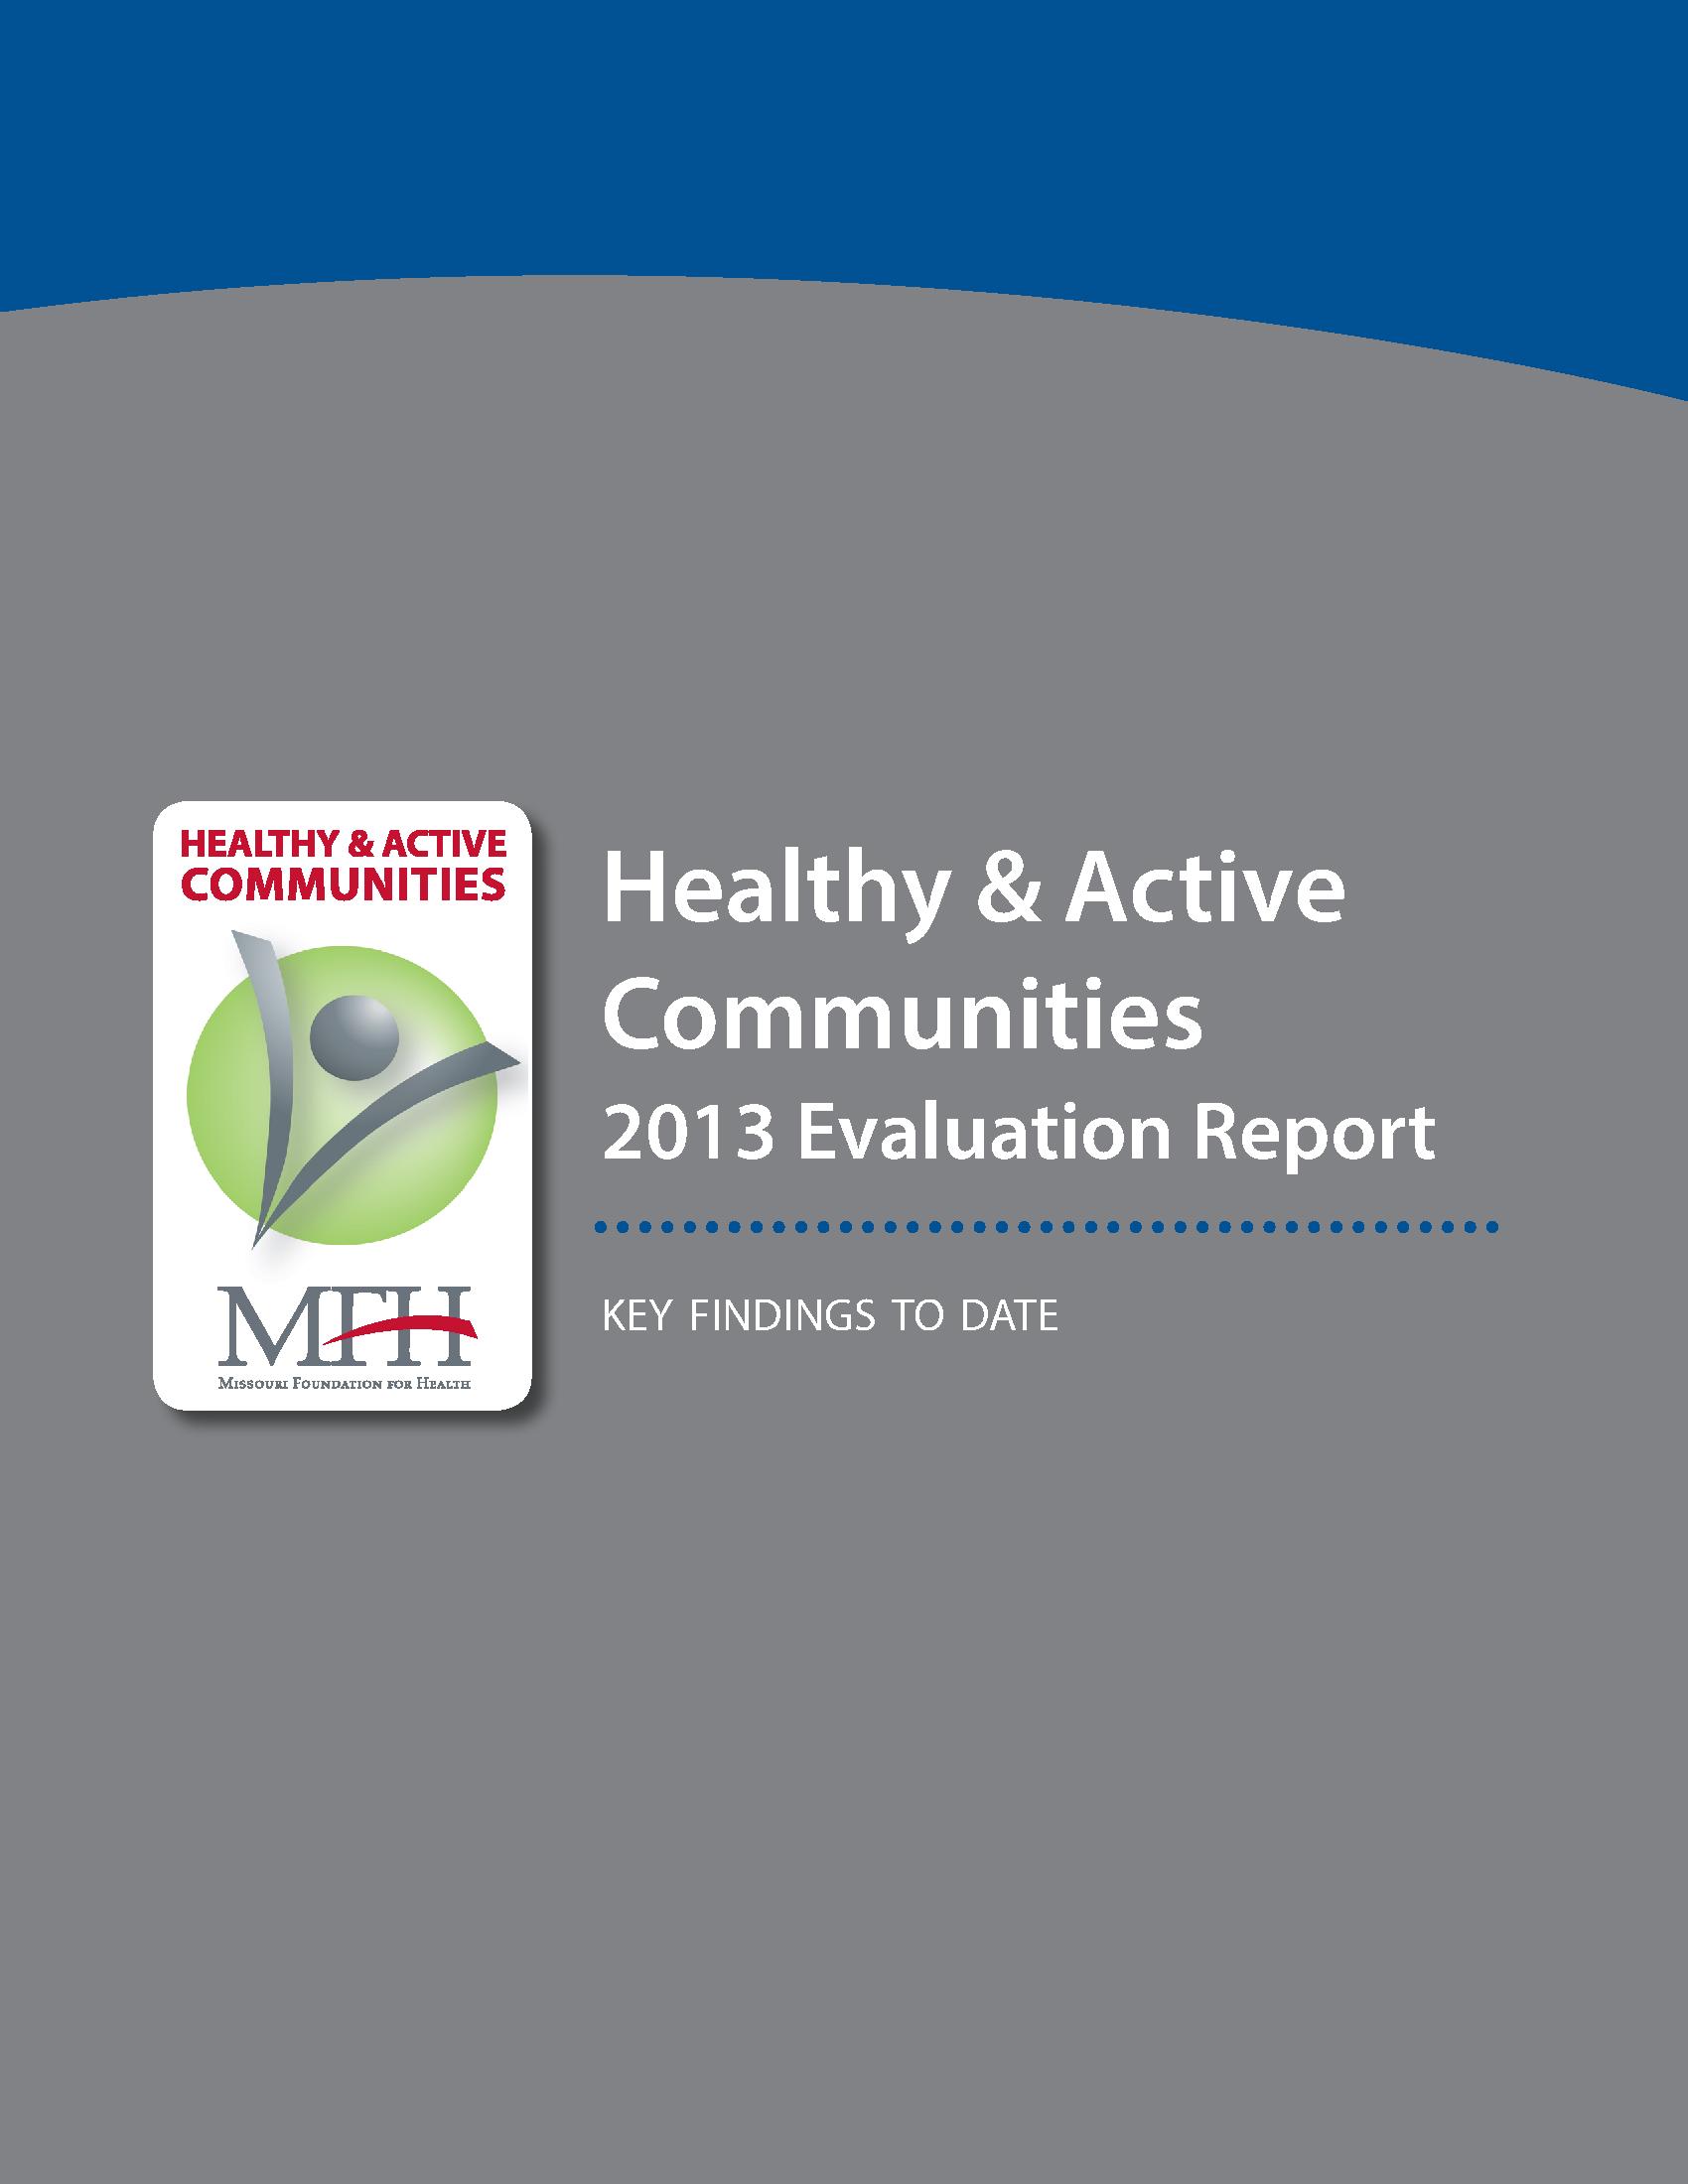 Healthy & Active Communities Evaluation Report 2013